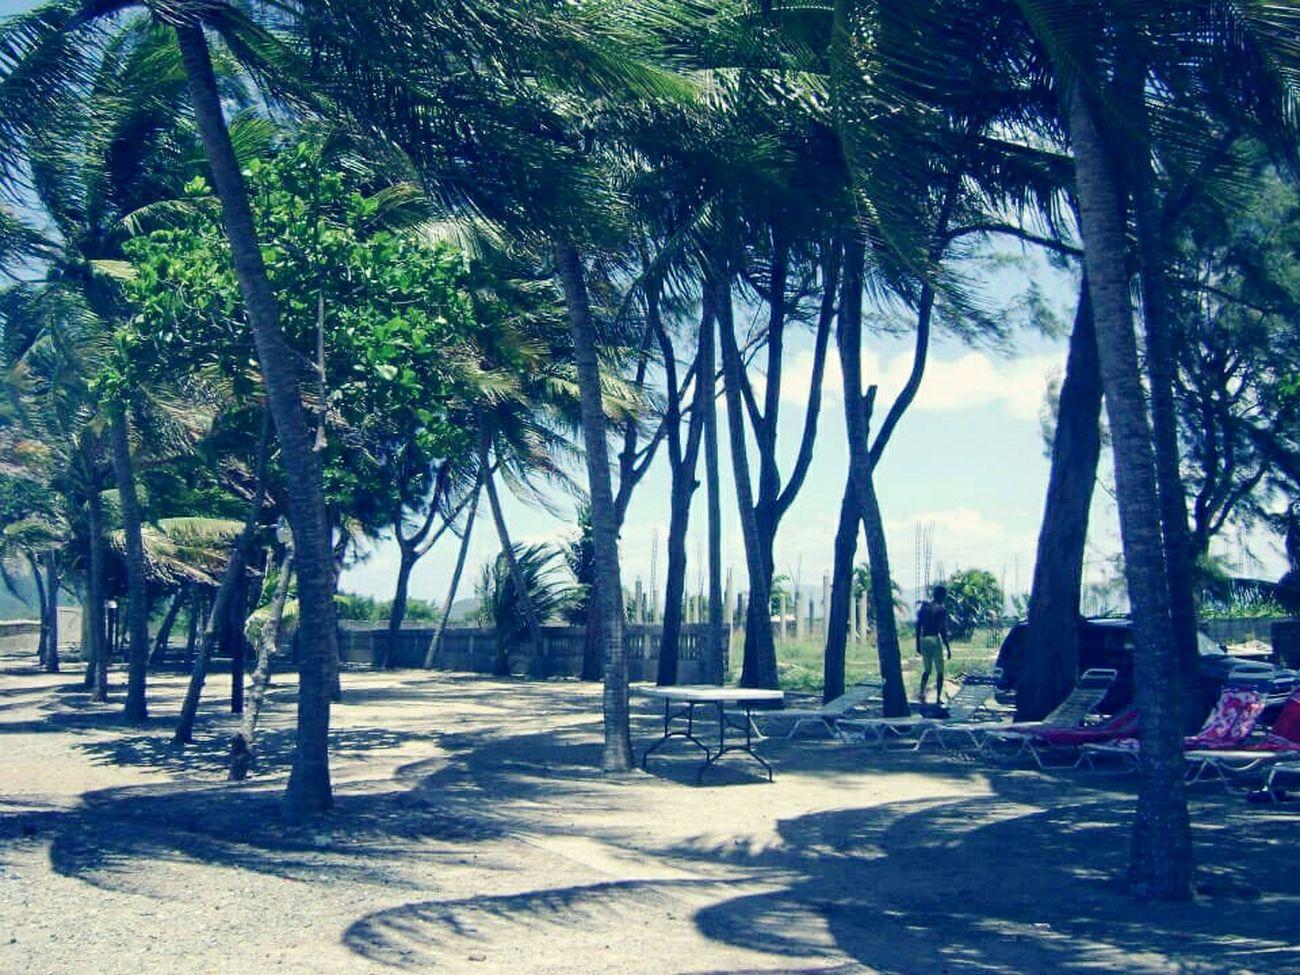 This Is Haiti Cap Haitien Missing Haiti Haiti Beautiful Trees Palm Trees